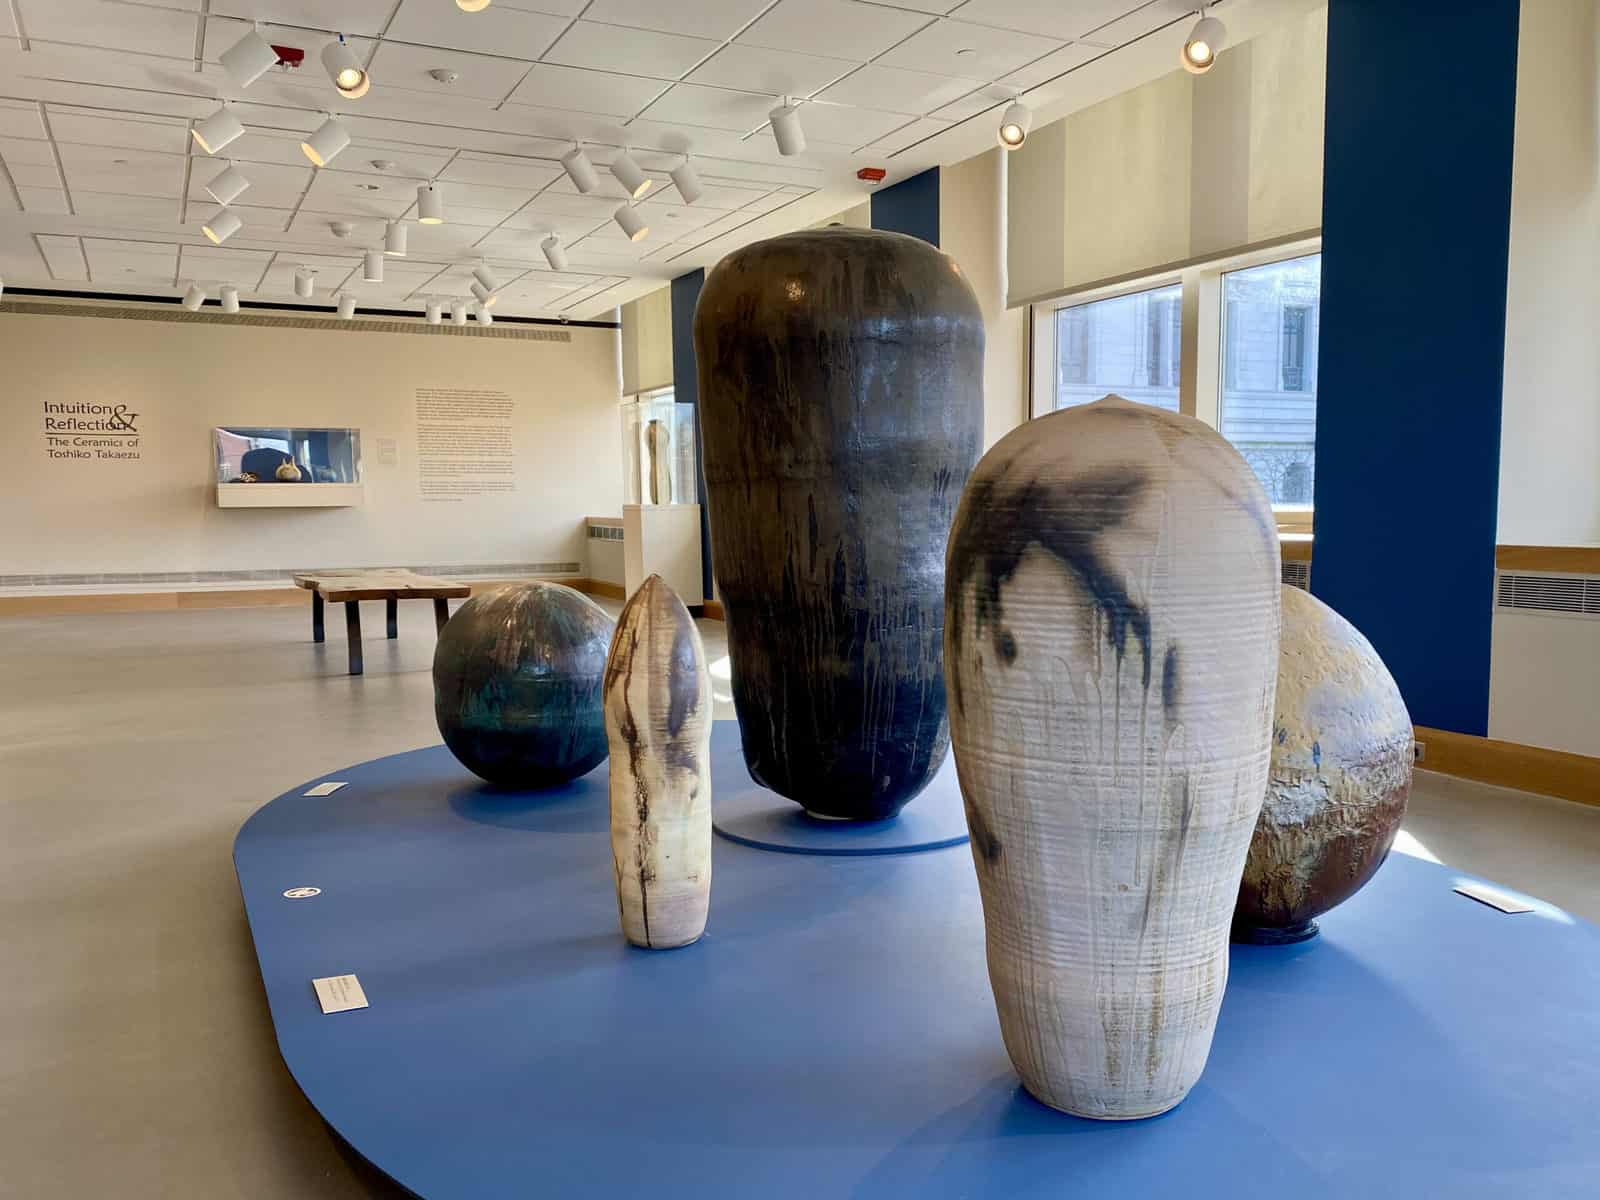 sculptures displayed in art museum